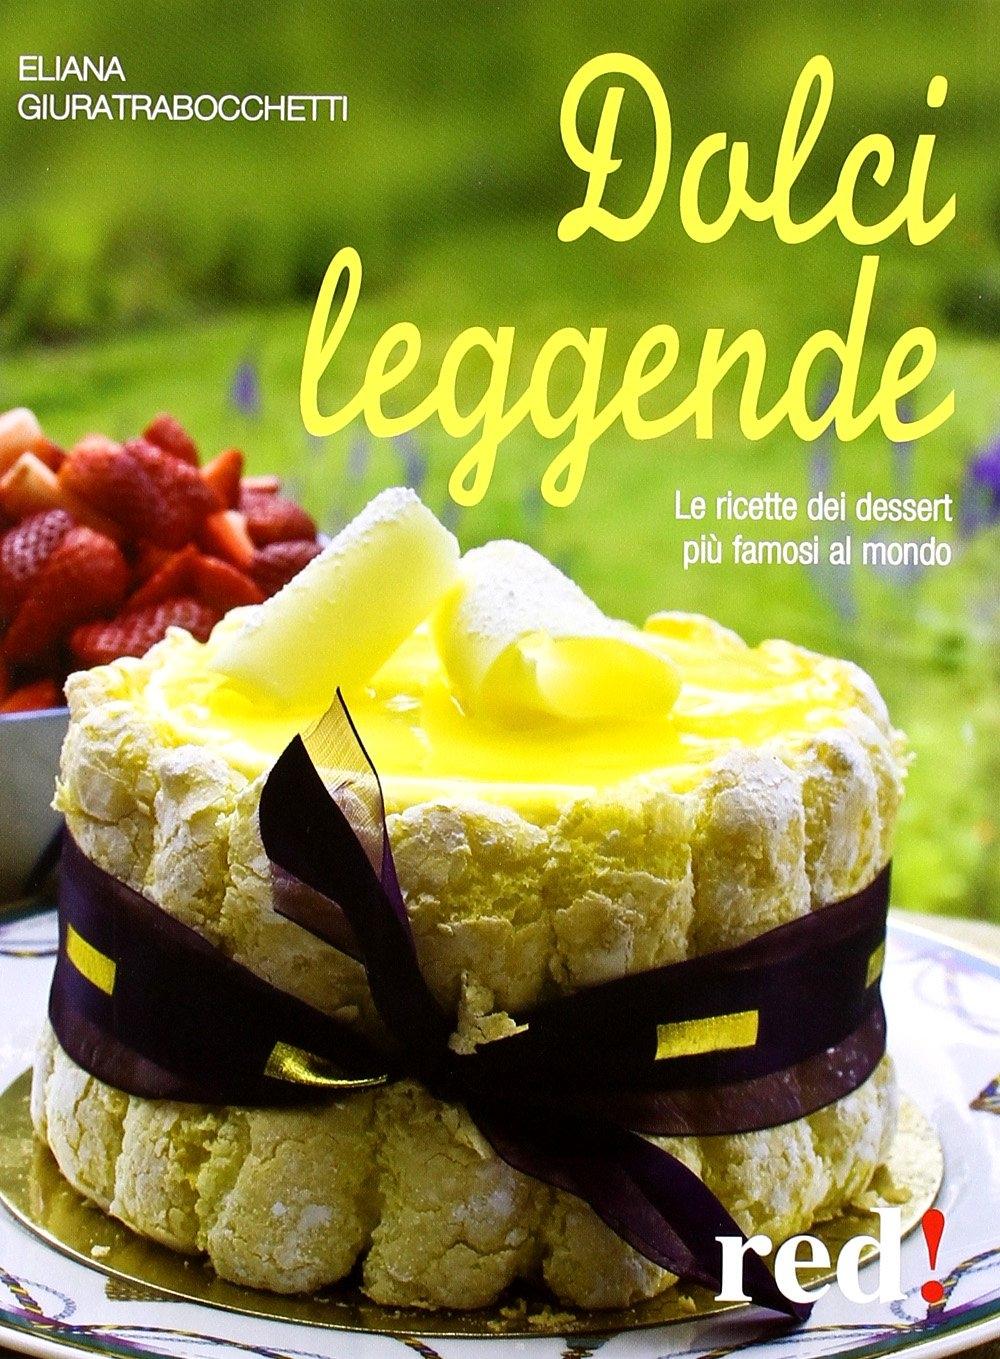 Dolci leggende. Le ricette dei dessert più famosi al mondo.